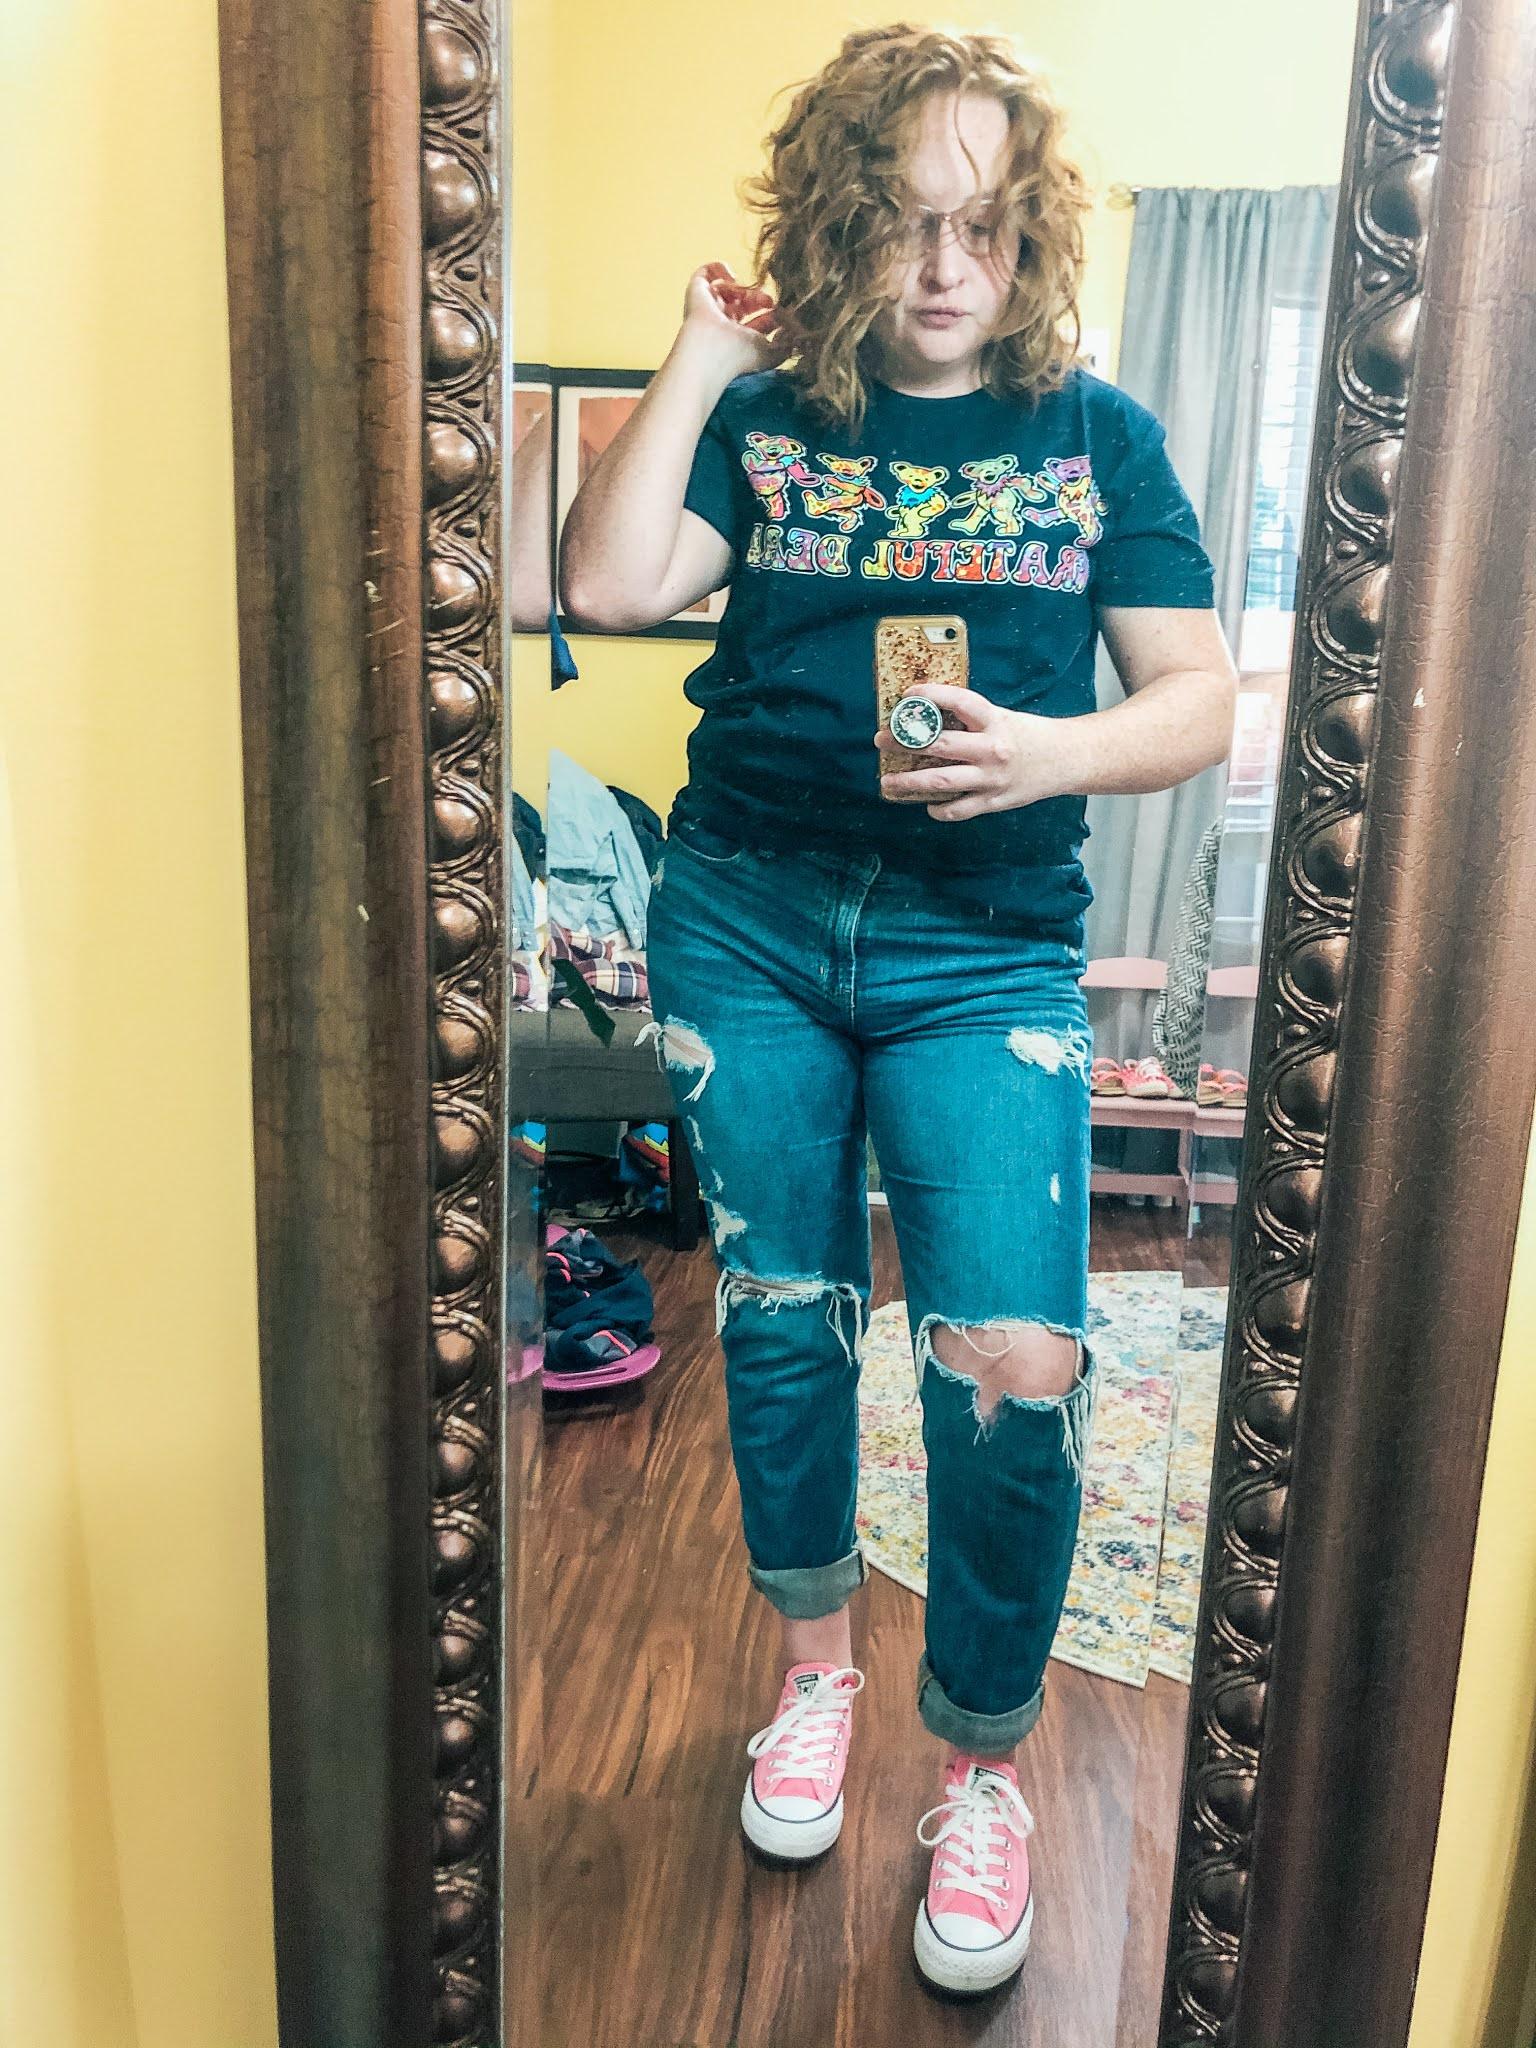 grateful-dead-bear-shirt-ripped-jeans-converse